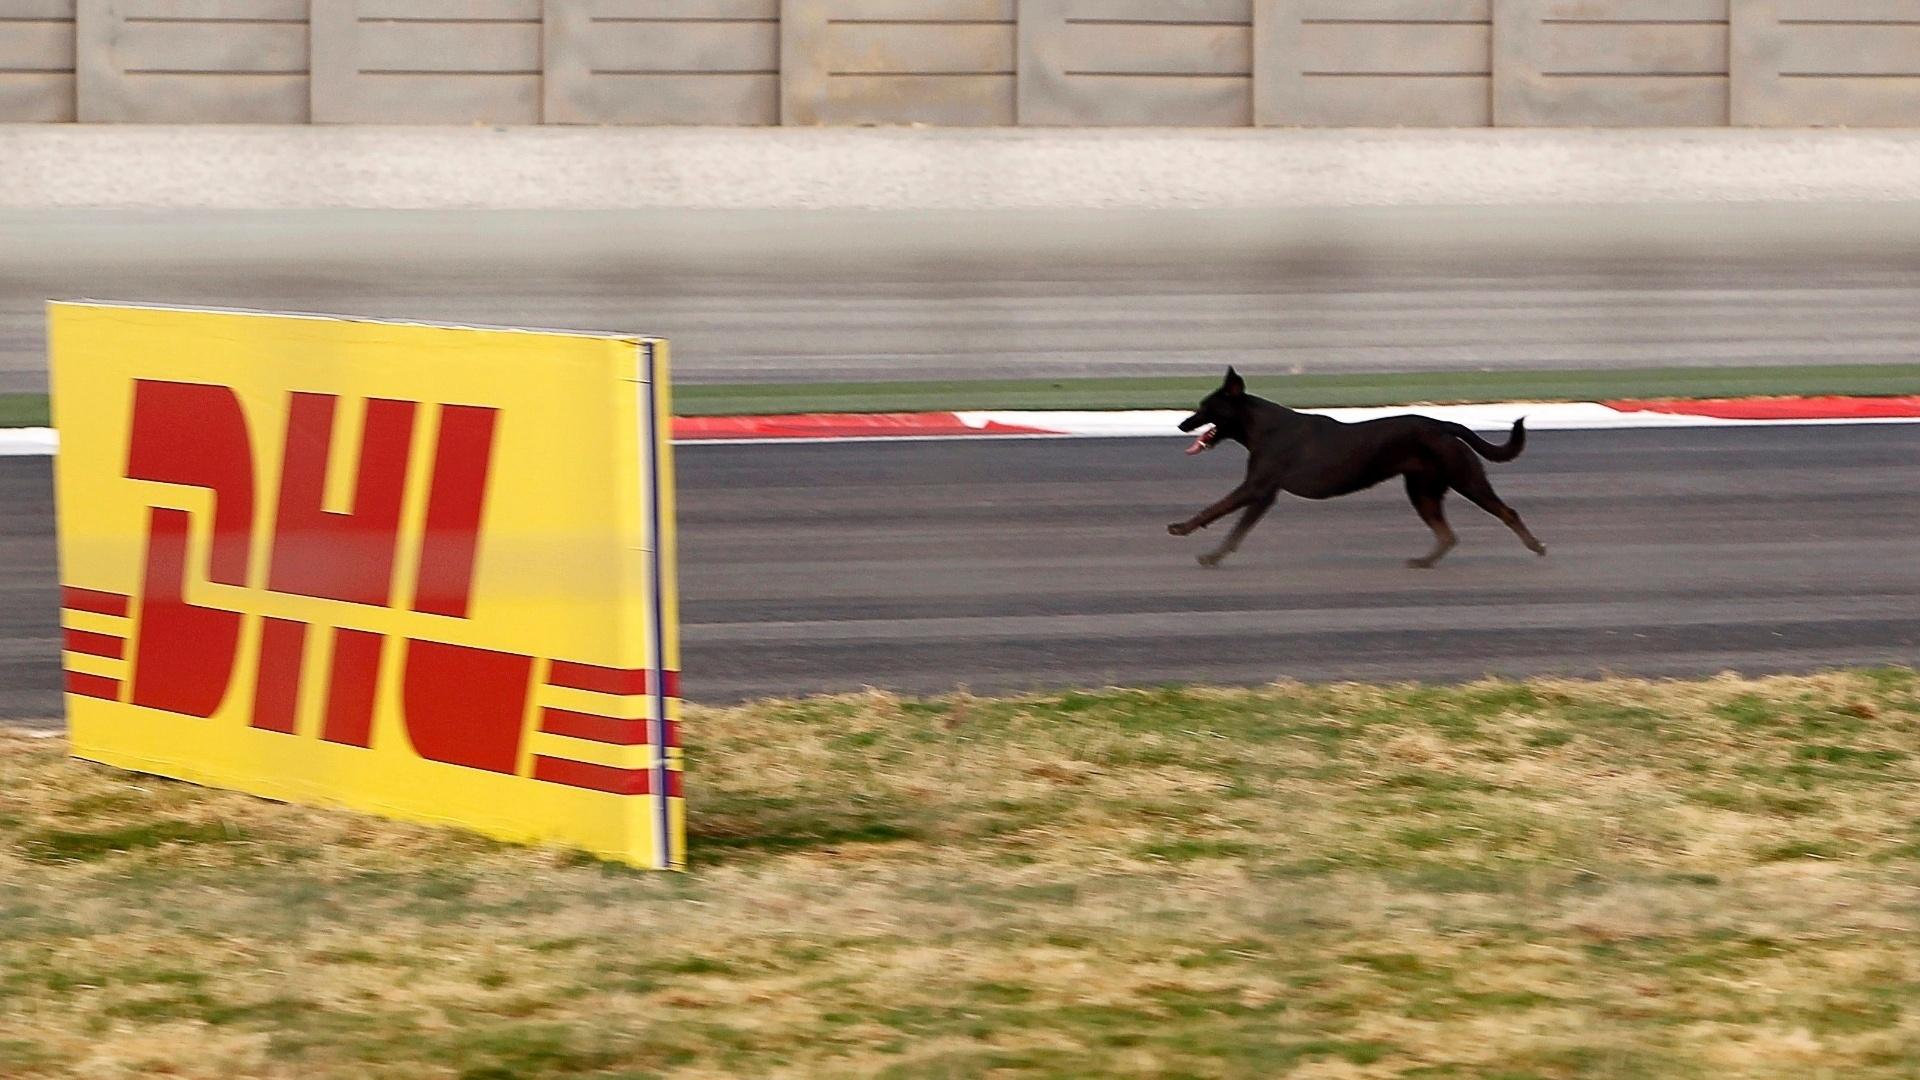 Grande Prêmio da Índia de 2011 foi marcado pela invasão de cachorros na pista